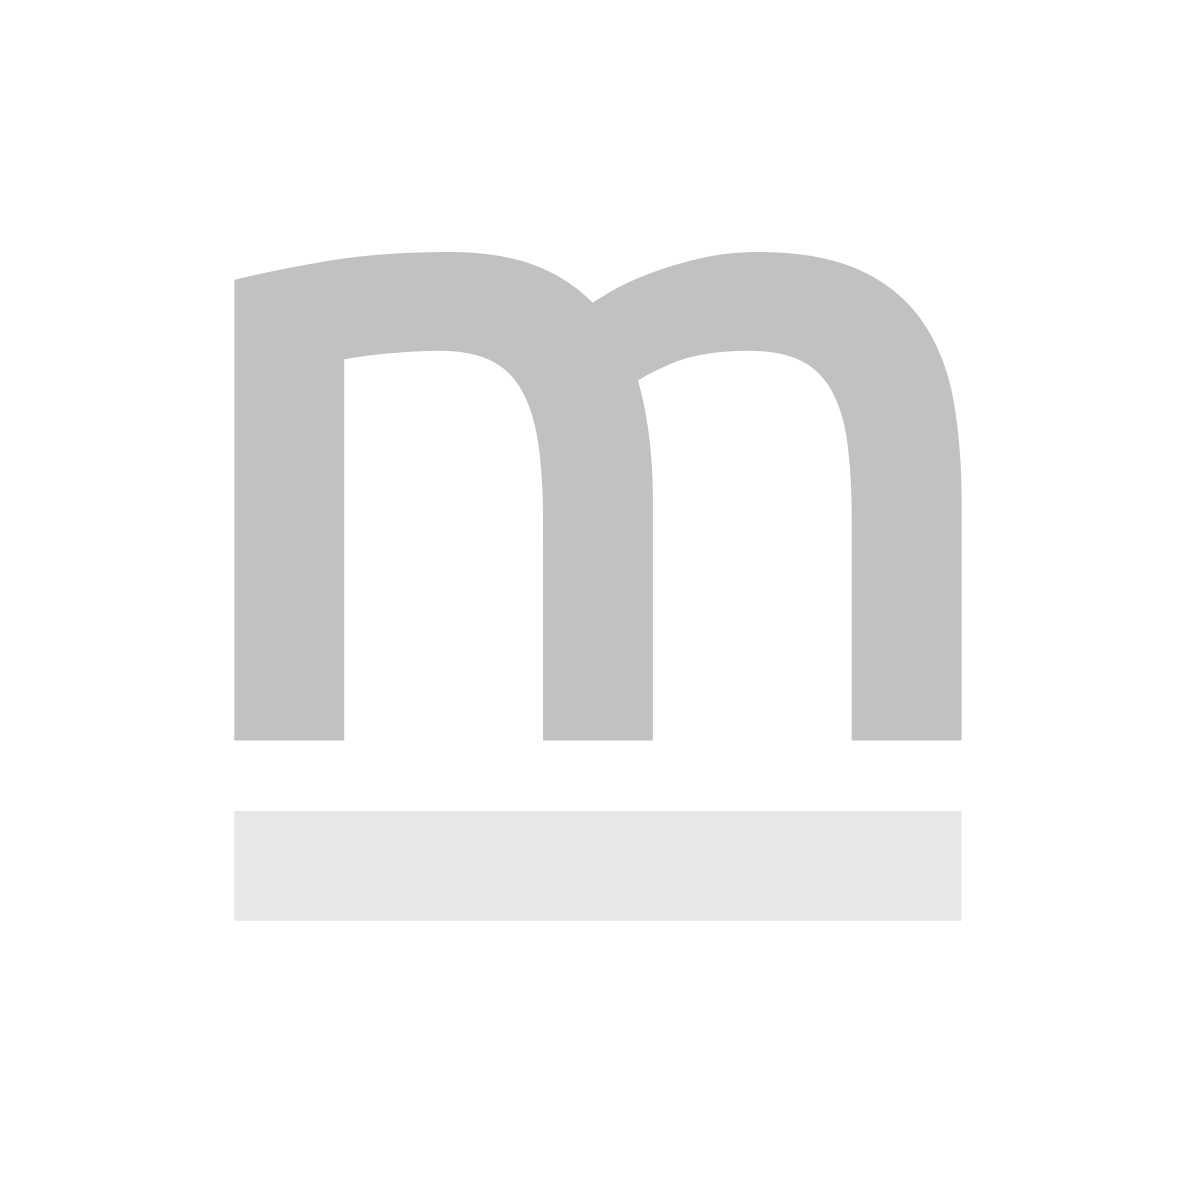 Obraz - Policyjna świnia (1-częściowy) pionowy